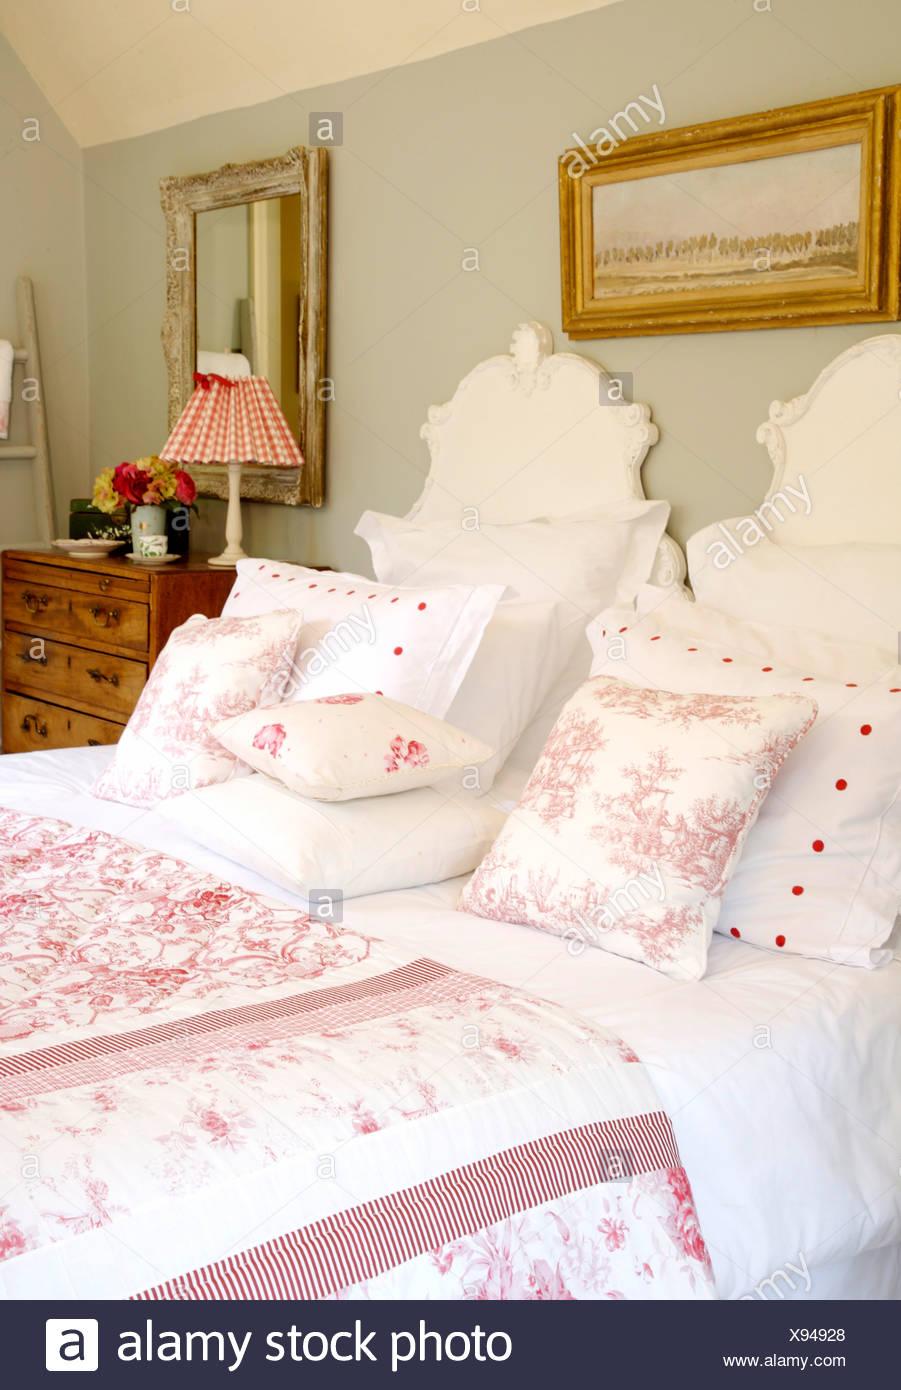 Tete De Lit Voile oreillers blanc et rose toile de jouy coussins et couette